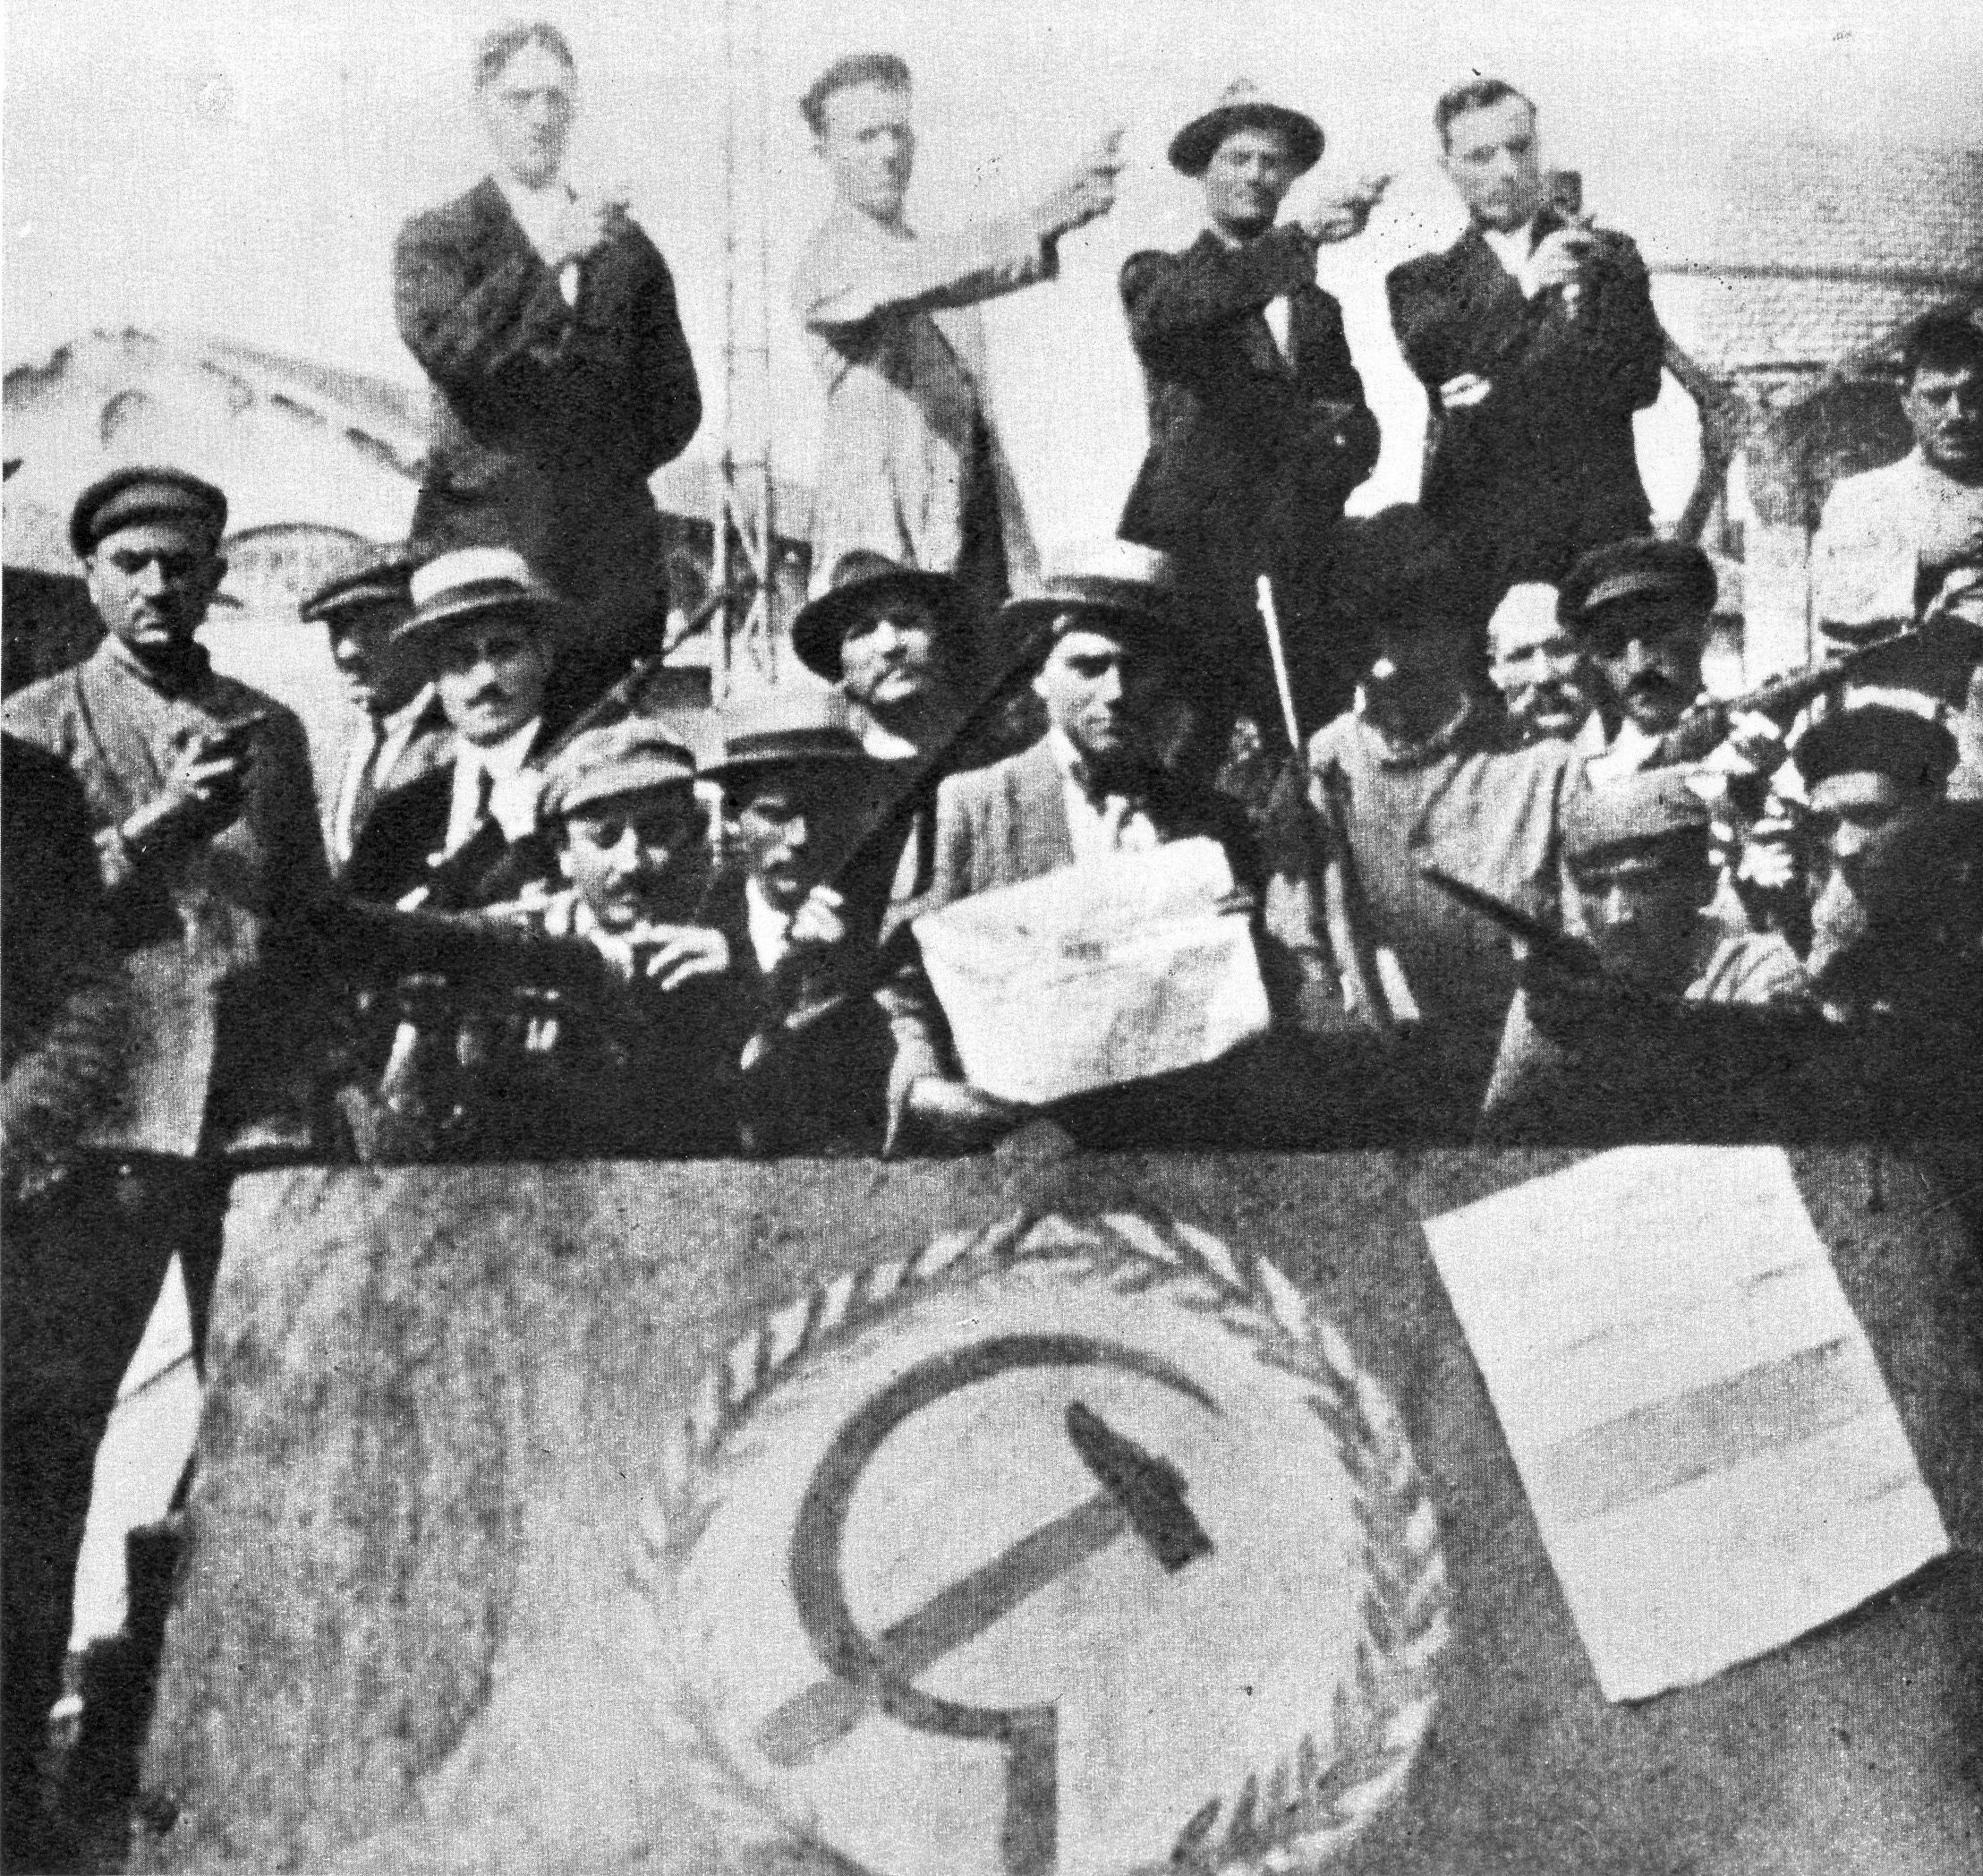 Fine della Prima guerra mondiale. Operai socialisti occupano una fabbrica nel 1920. Foto via Wikimedia Commons